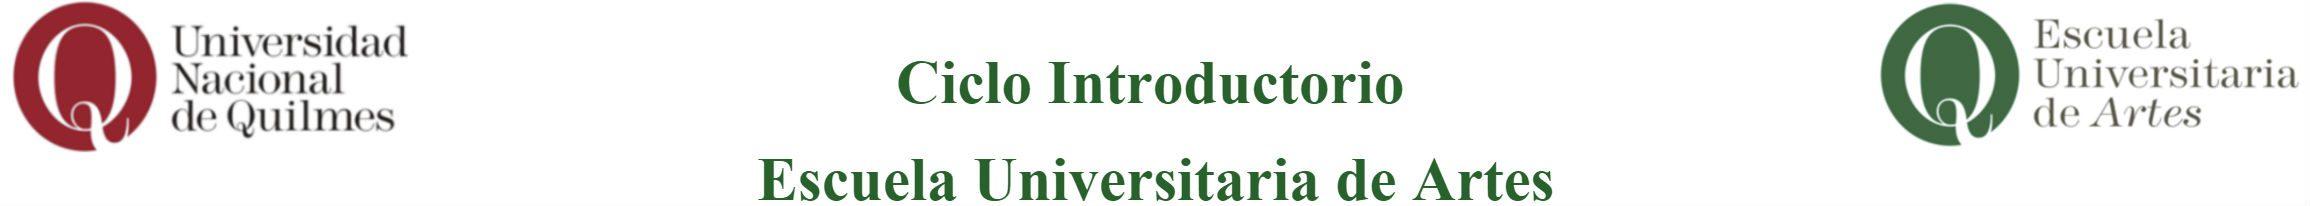 Ciclo Introductorio de la Escuela Universitaria de Artes